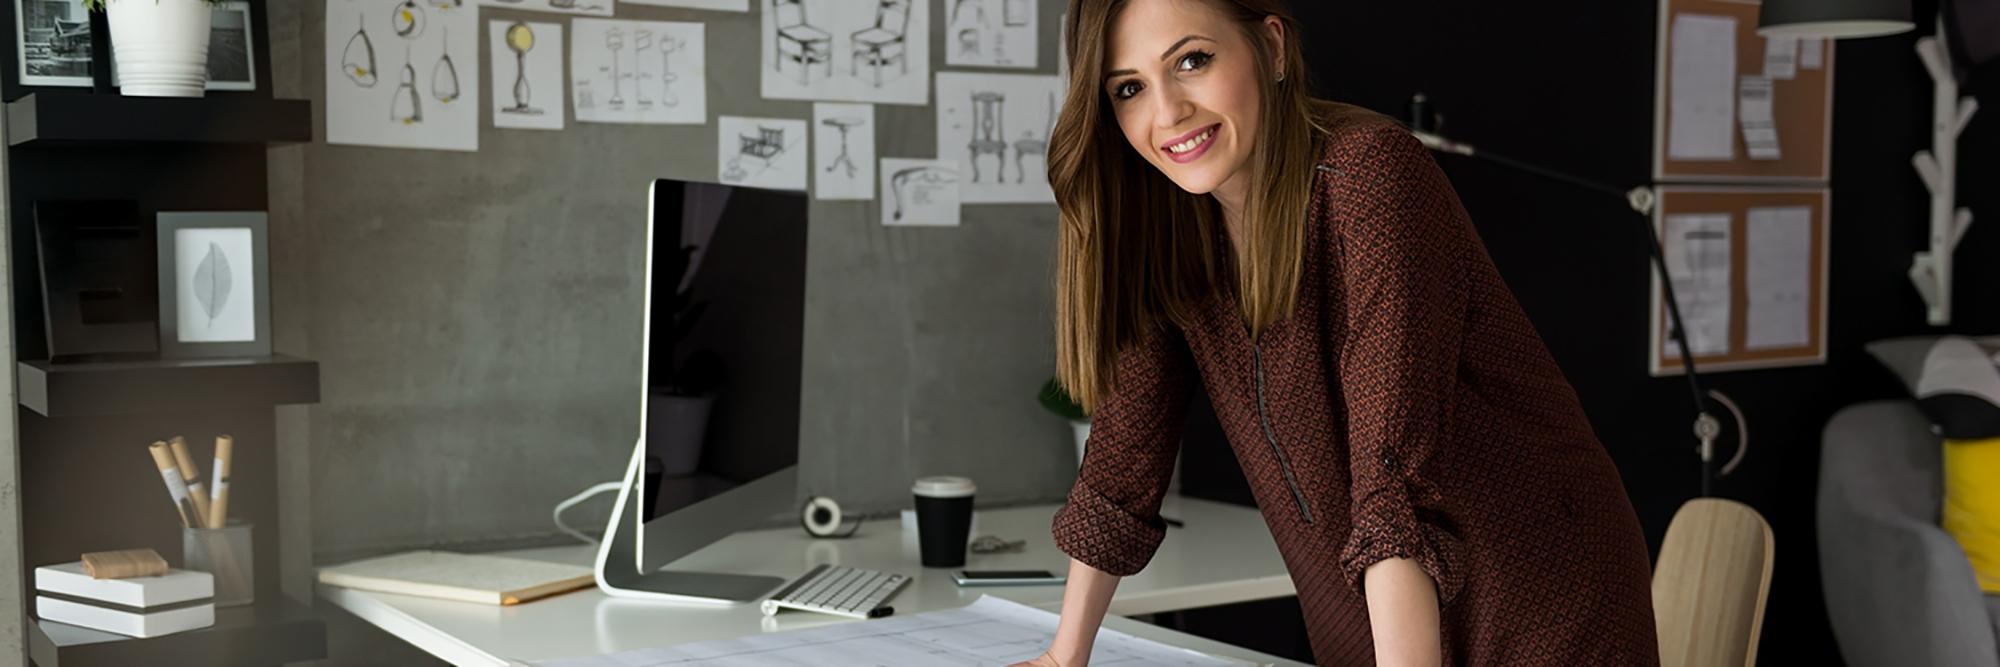 Mira estas 7 características que comparten todos los negocios online exitosos